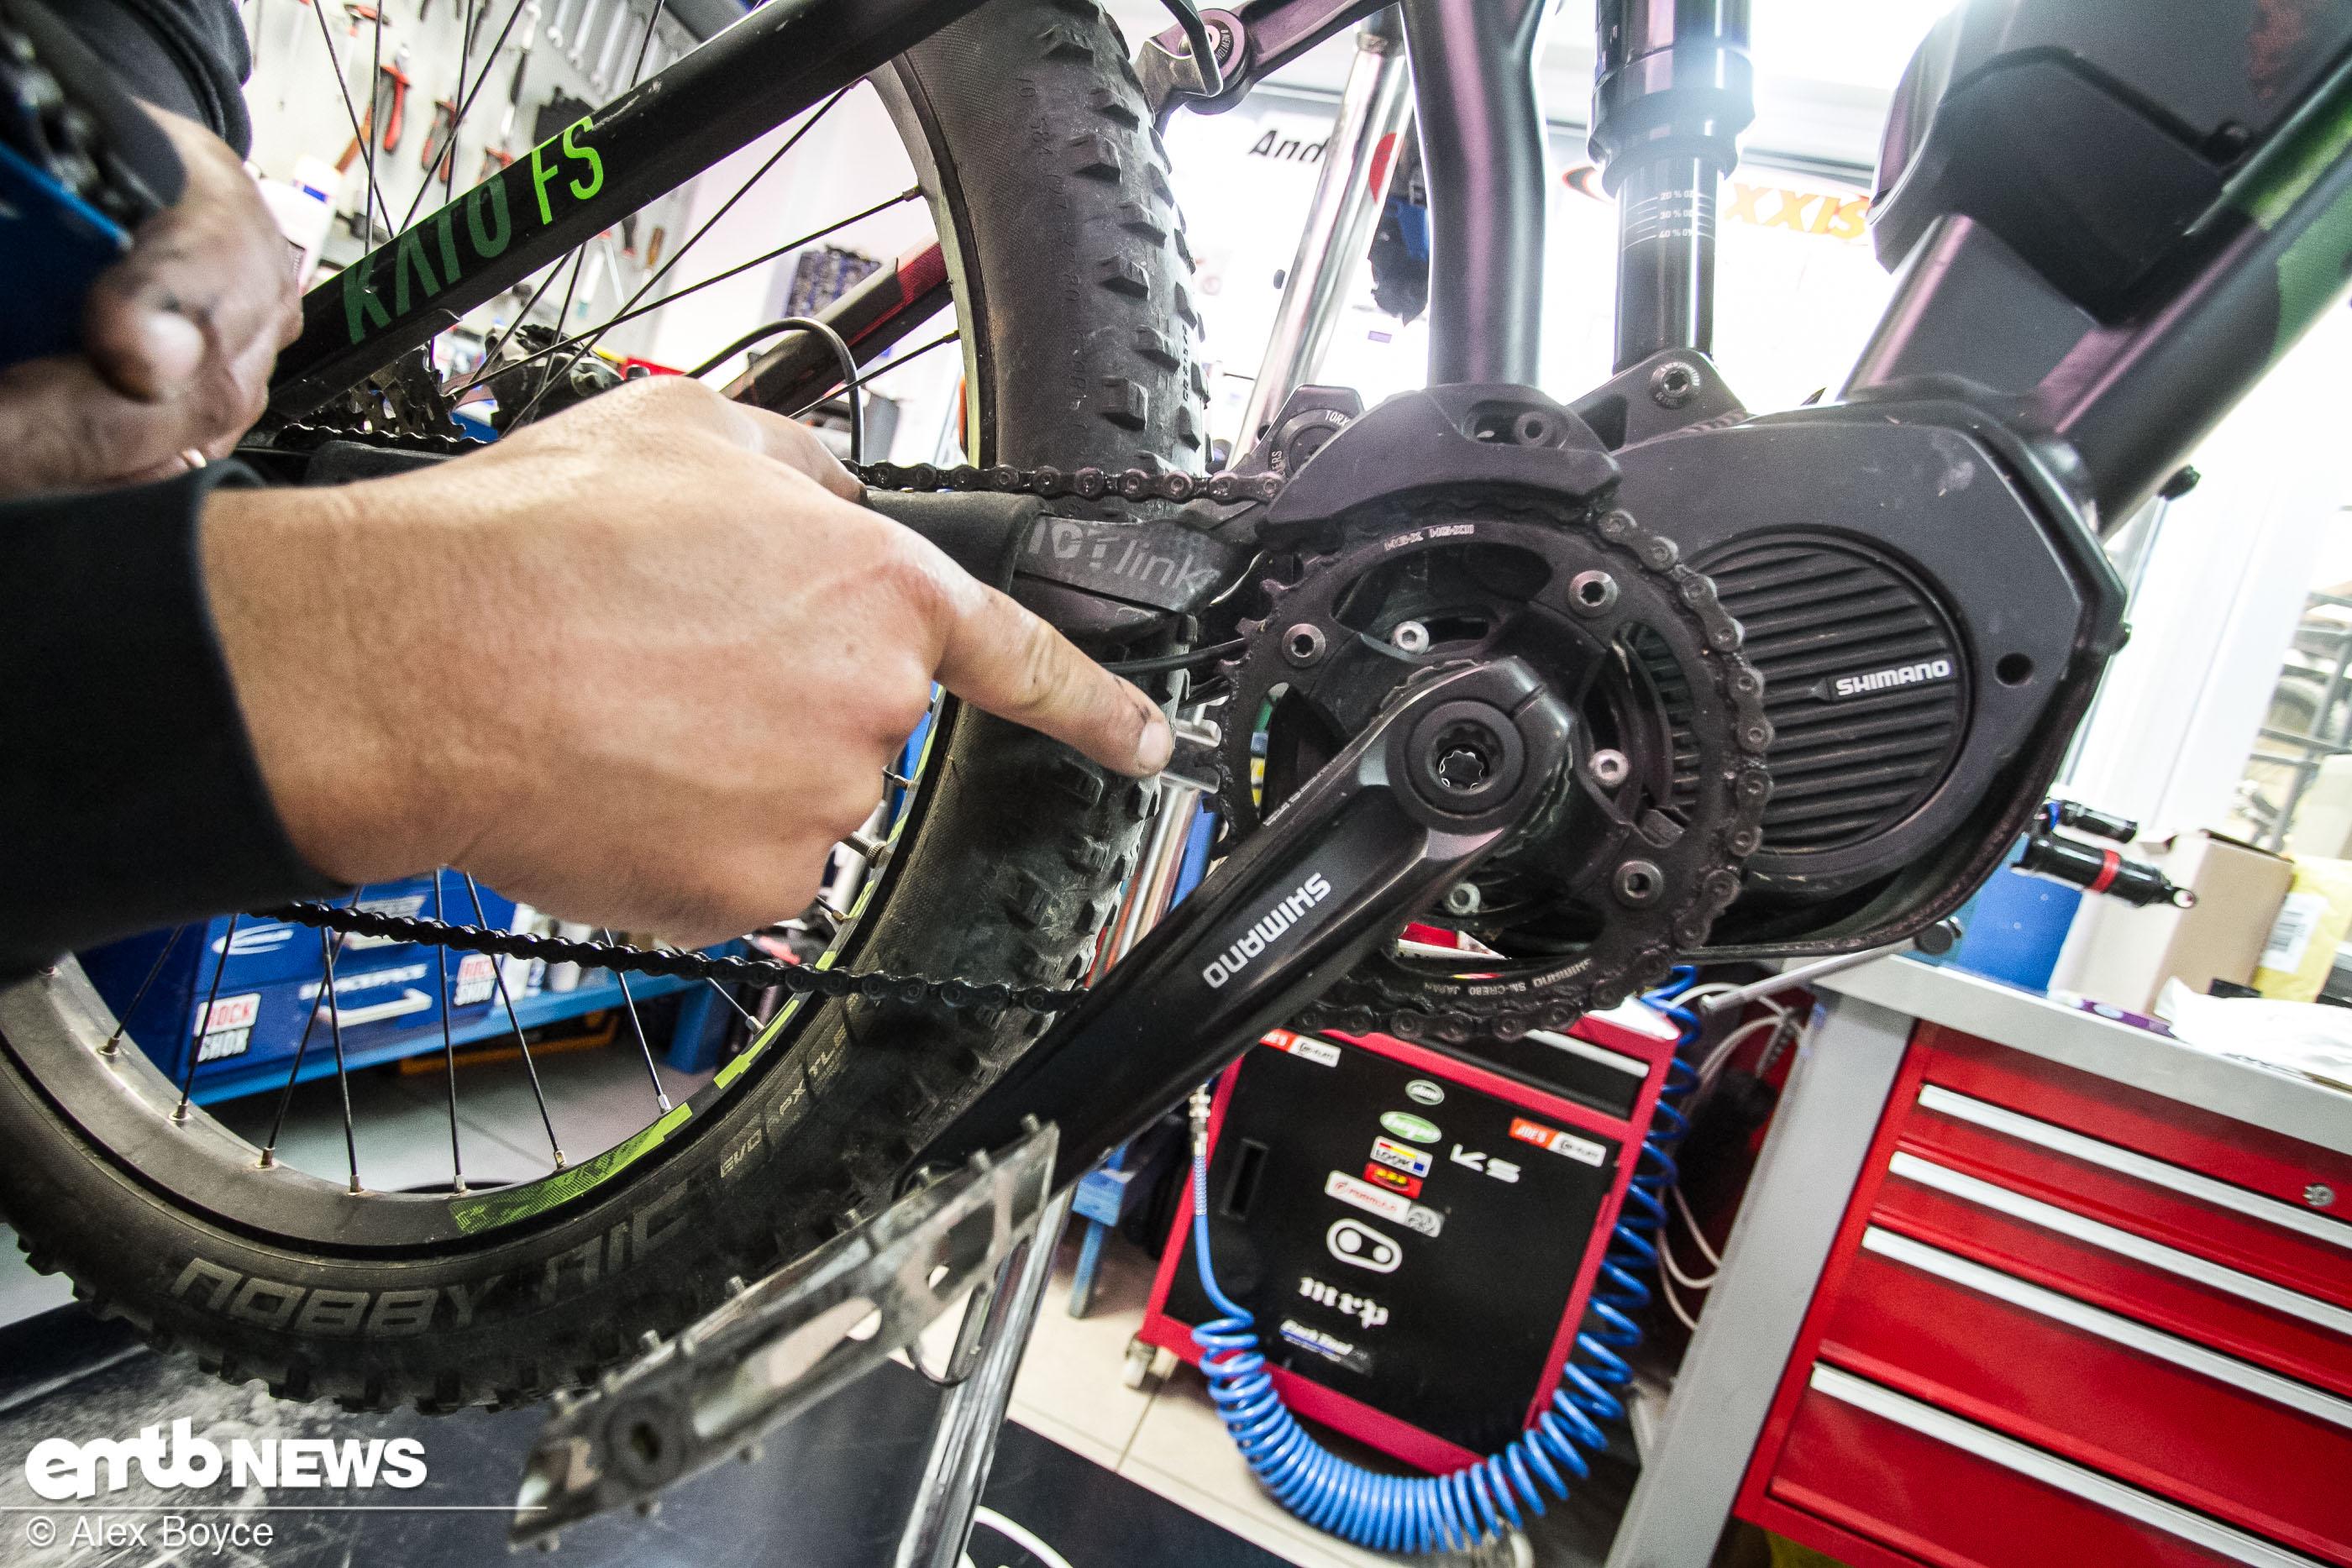 Werkstatt So Wartet Ihr Euren E Bike Antrieb Emtb Newsde